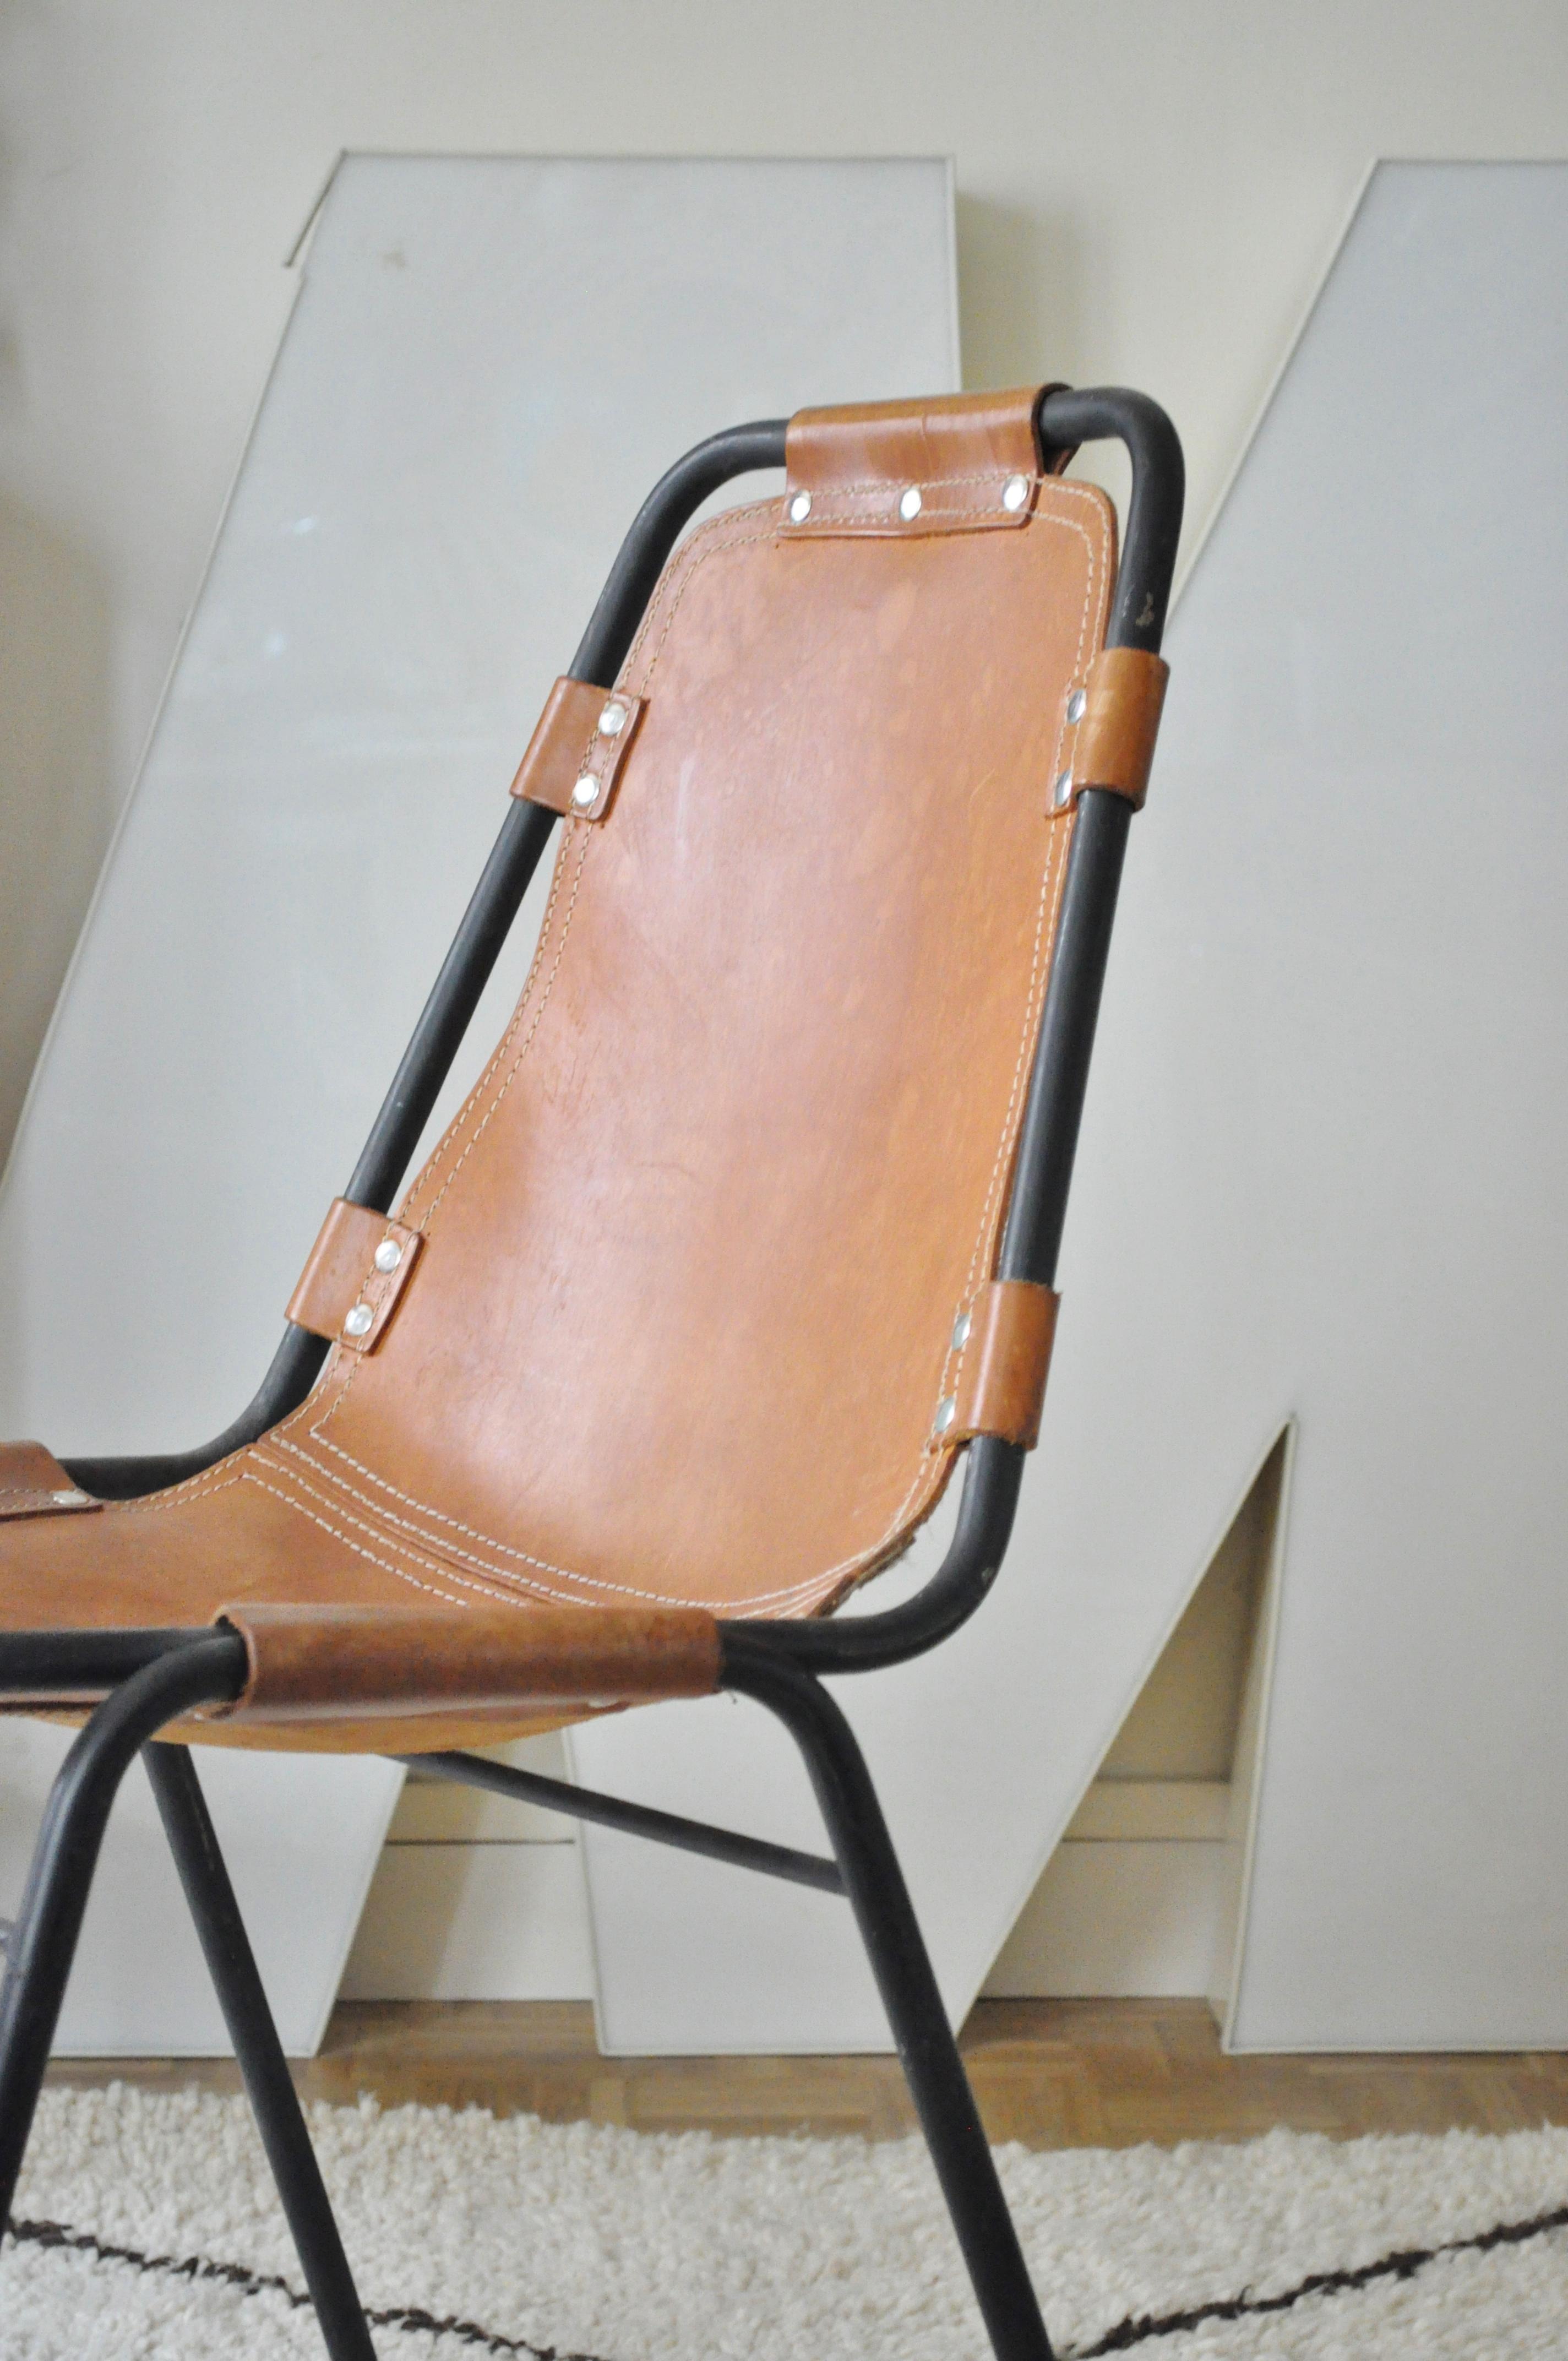 chaise les arcs perriand le vide grenier d 39 une parisienne. Black Bedroom Furniture Sets. Home Design Ideas